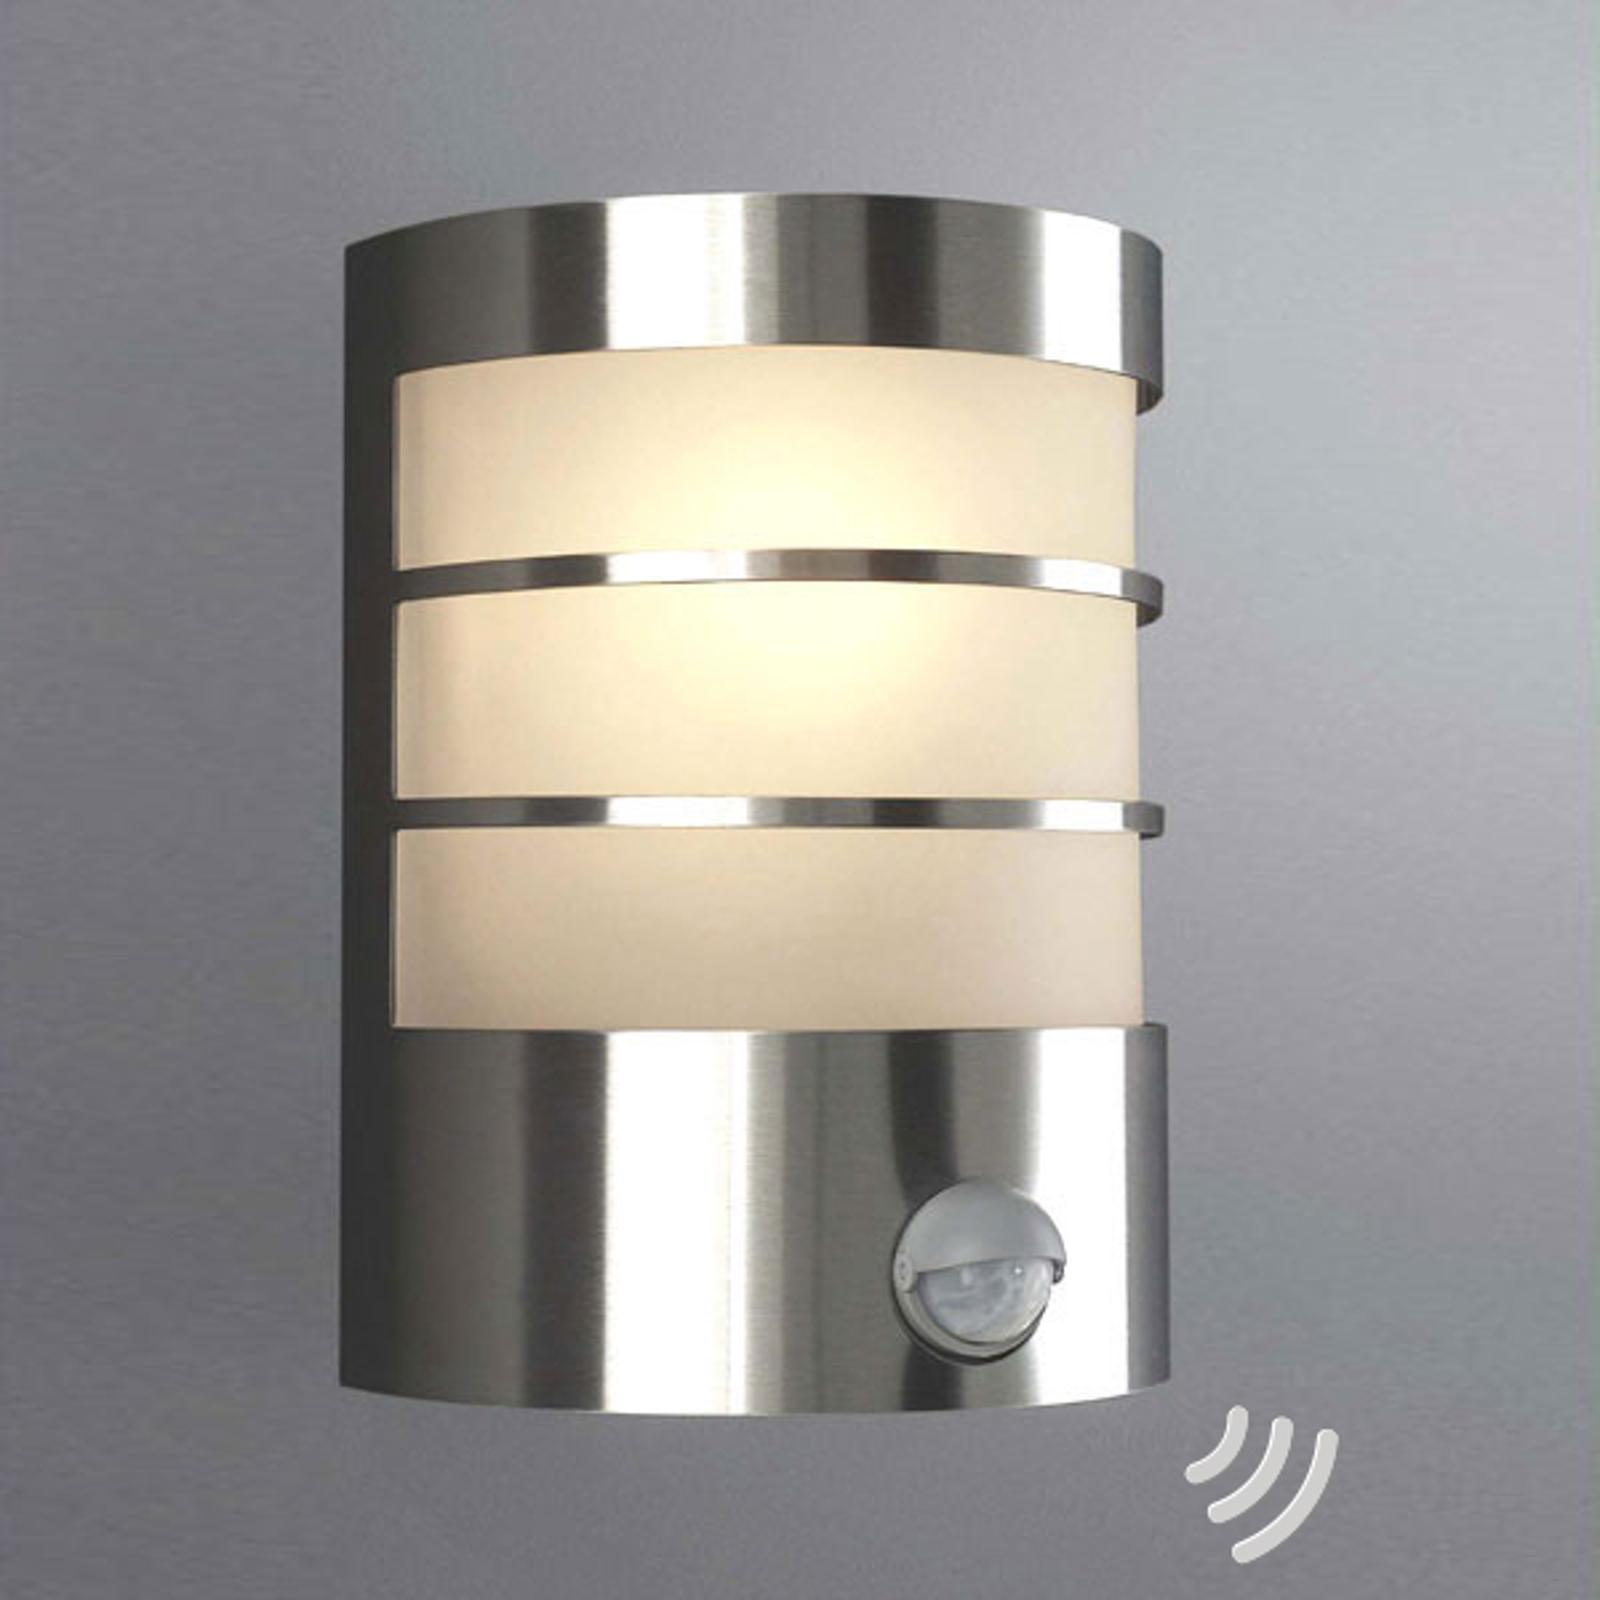 Zewnętrzna lampa ścienna z czujnikiem IR CALGARY